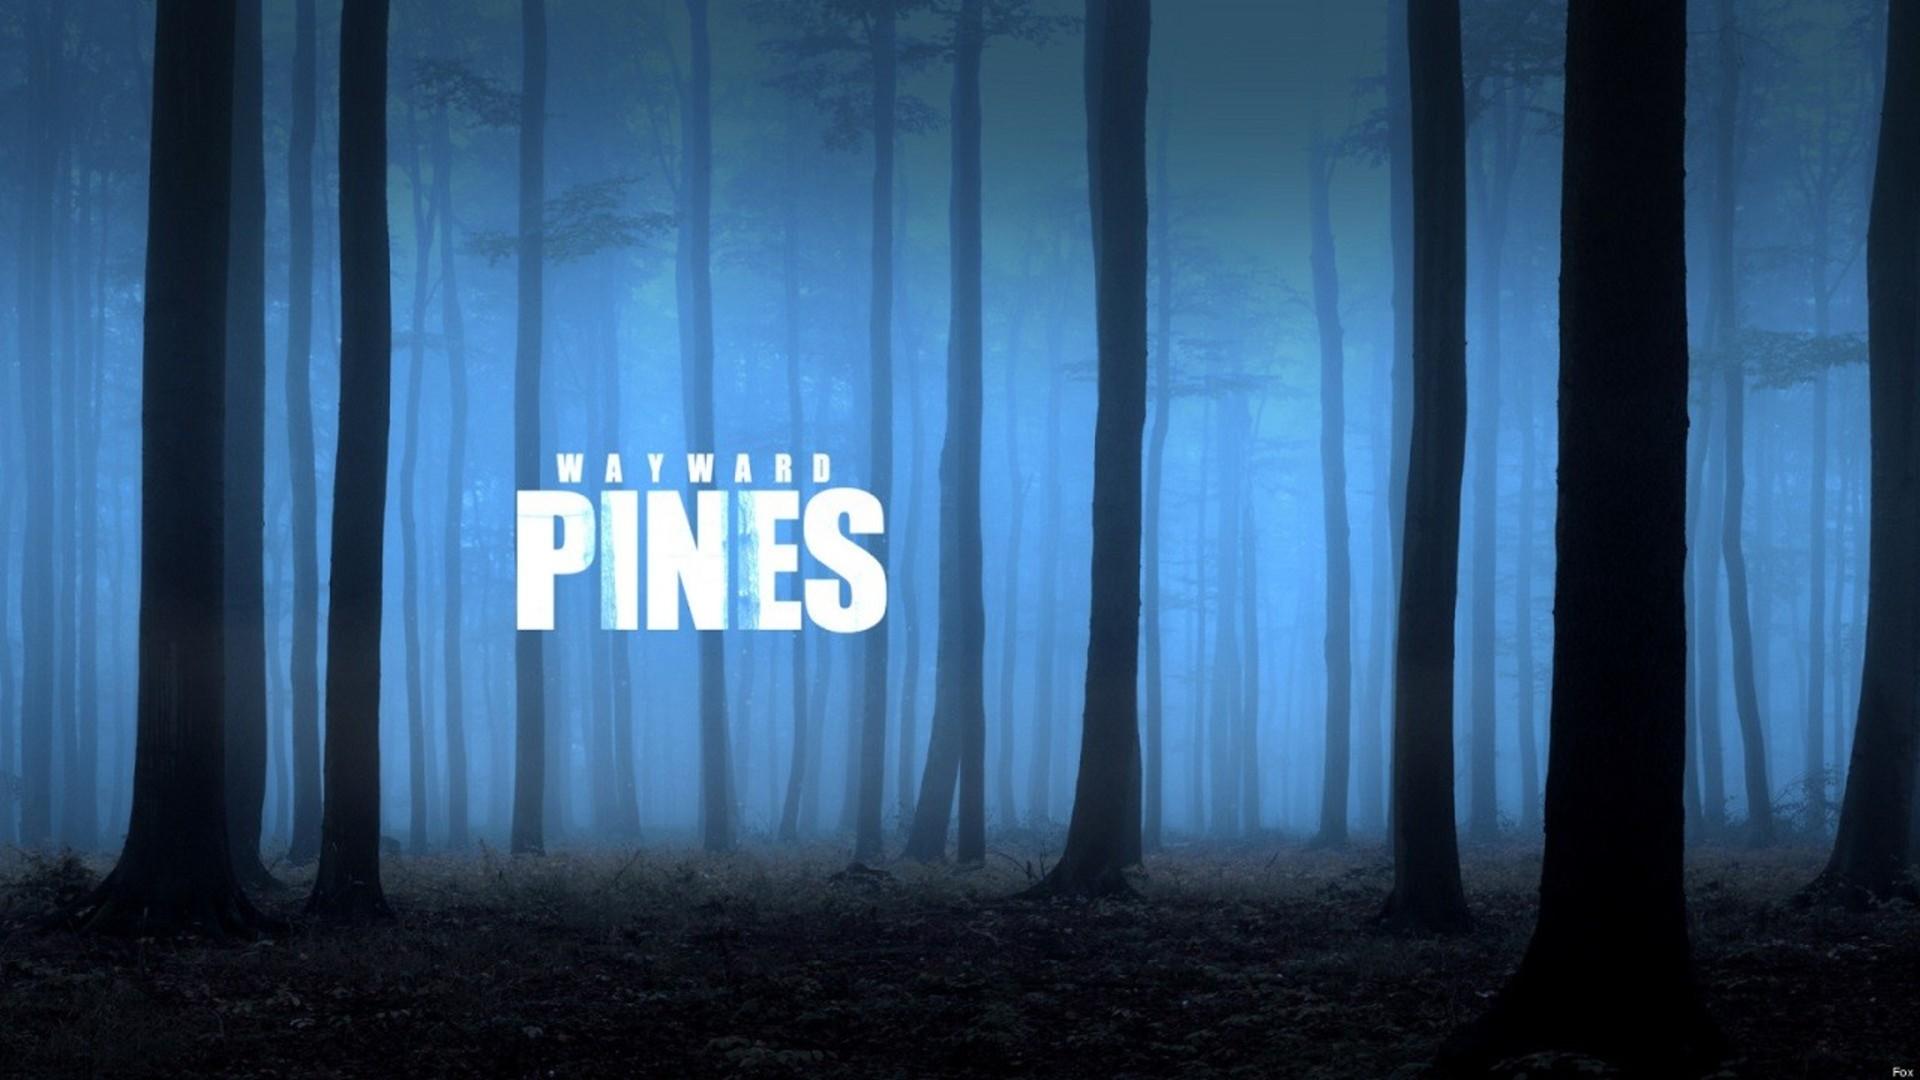 Wayward Pines Serie